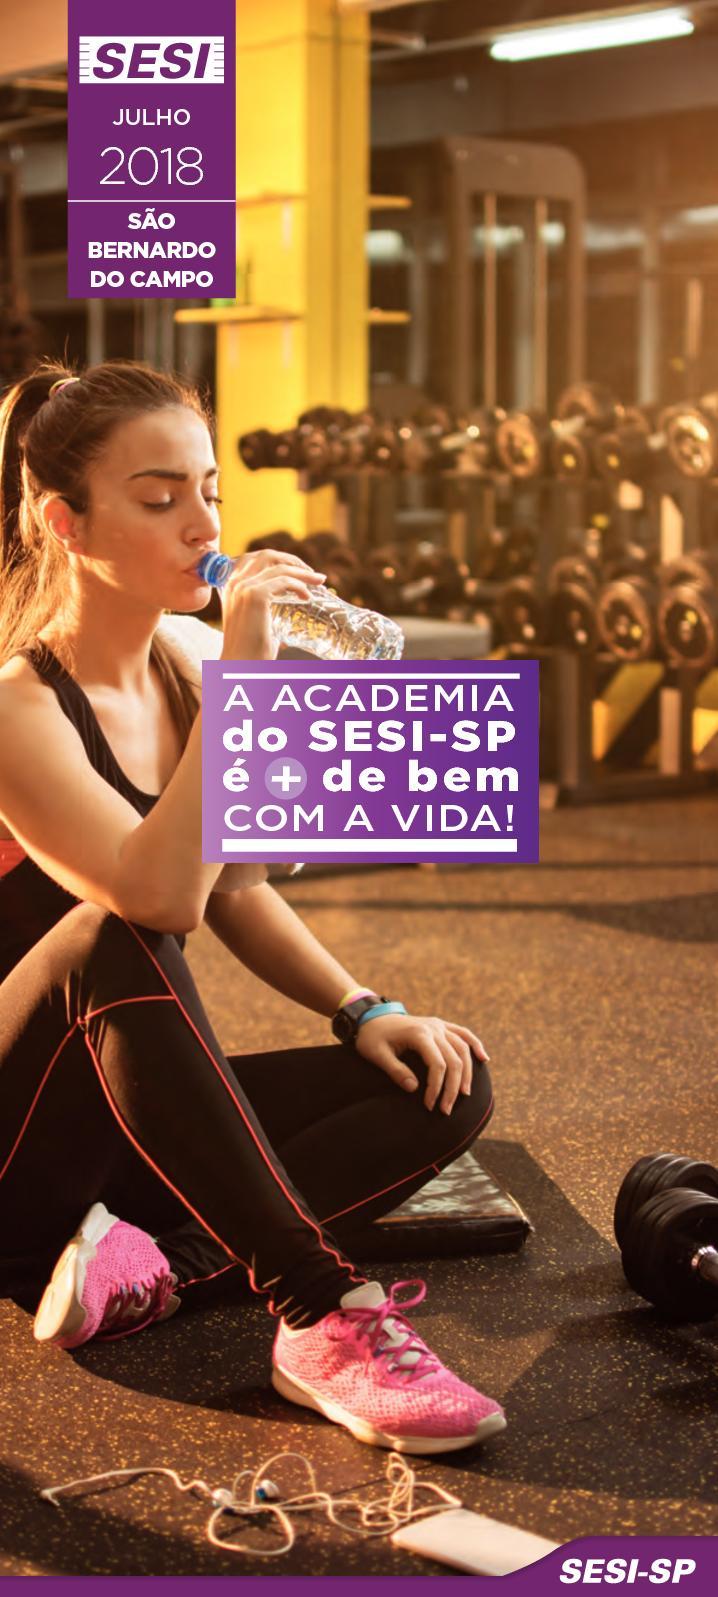 e4ad563737 Calaméo - Agenda Sesi São Bernardo Do Campo Julho 2018